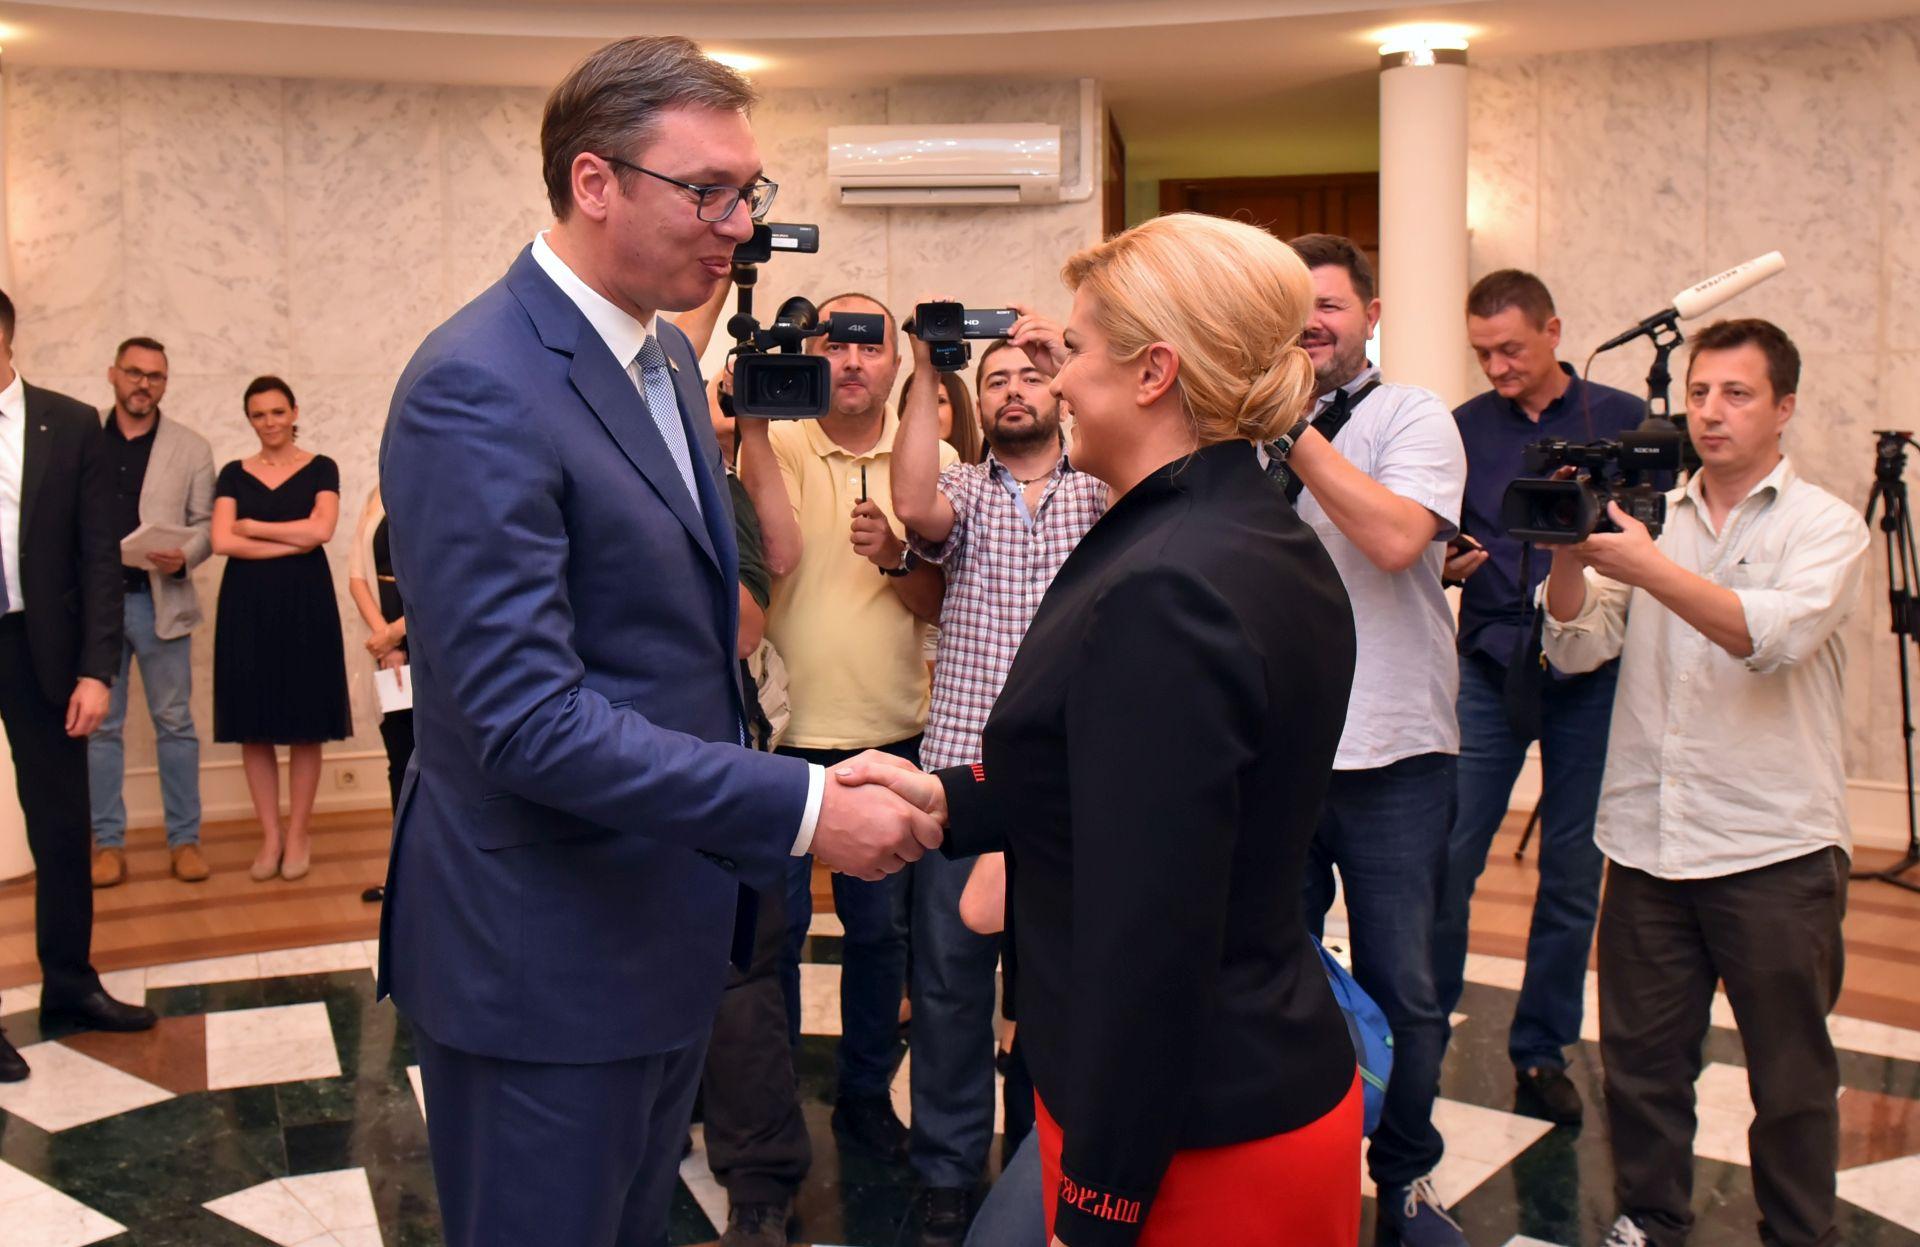 Povodom inauguracije srbijanskog predsjednika Vučića priređena svečanost